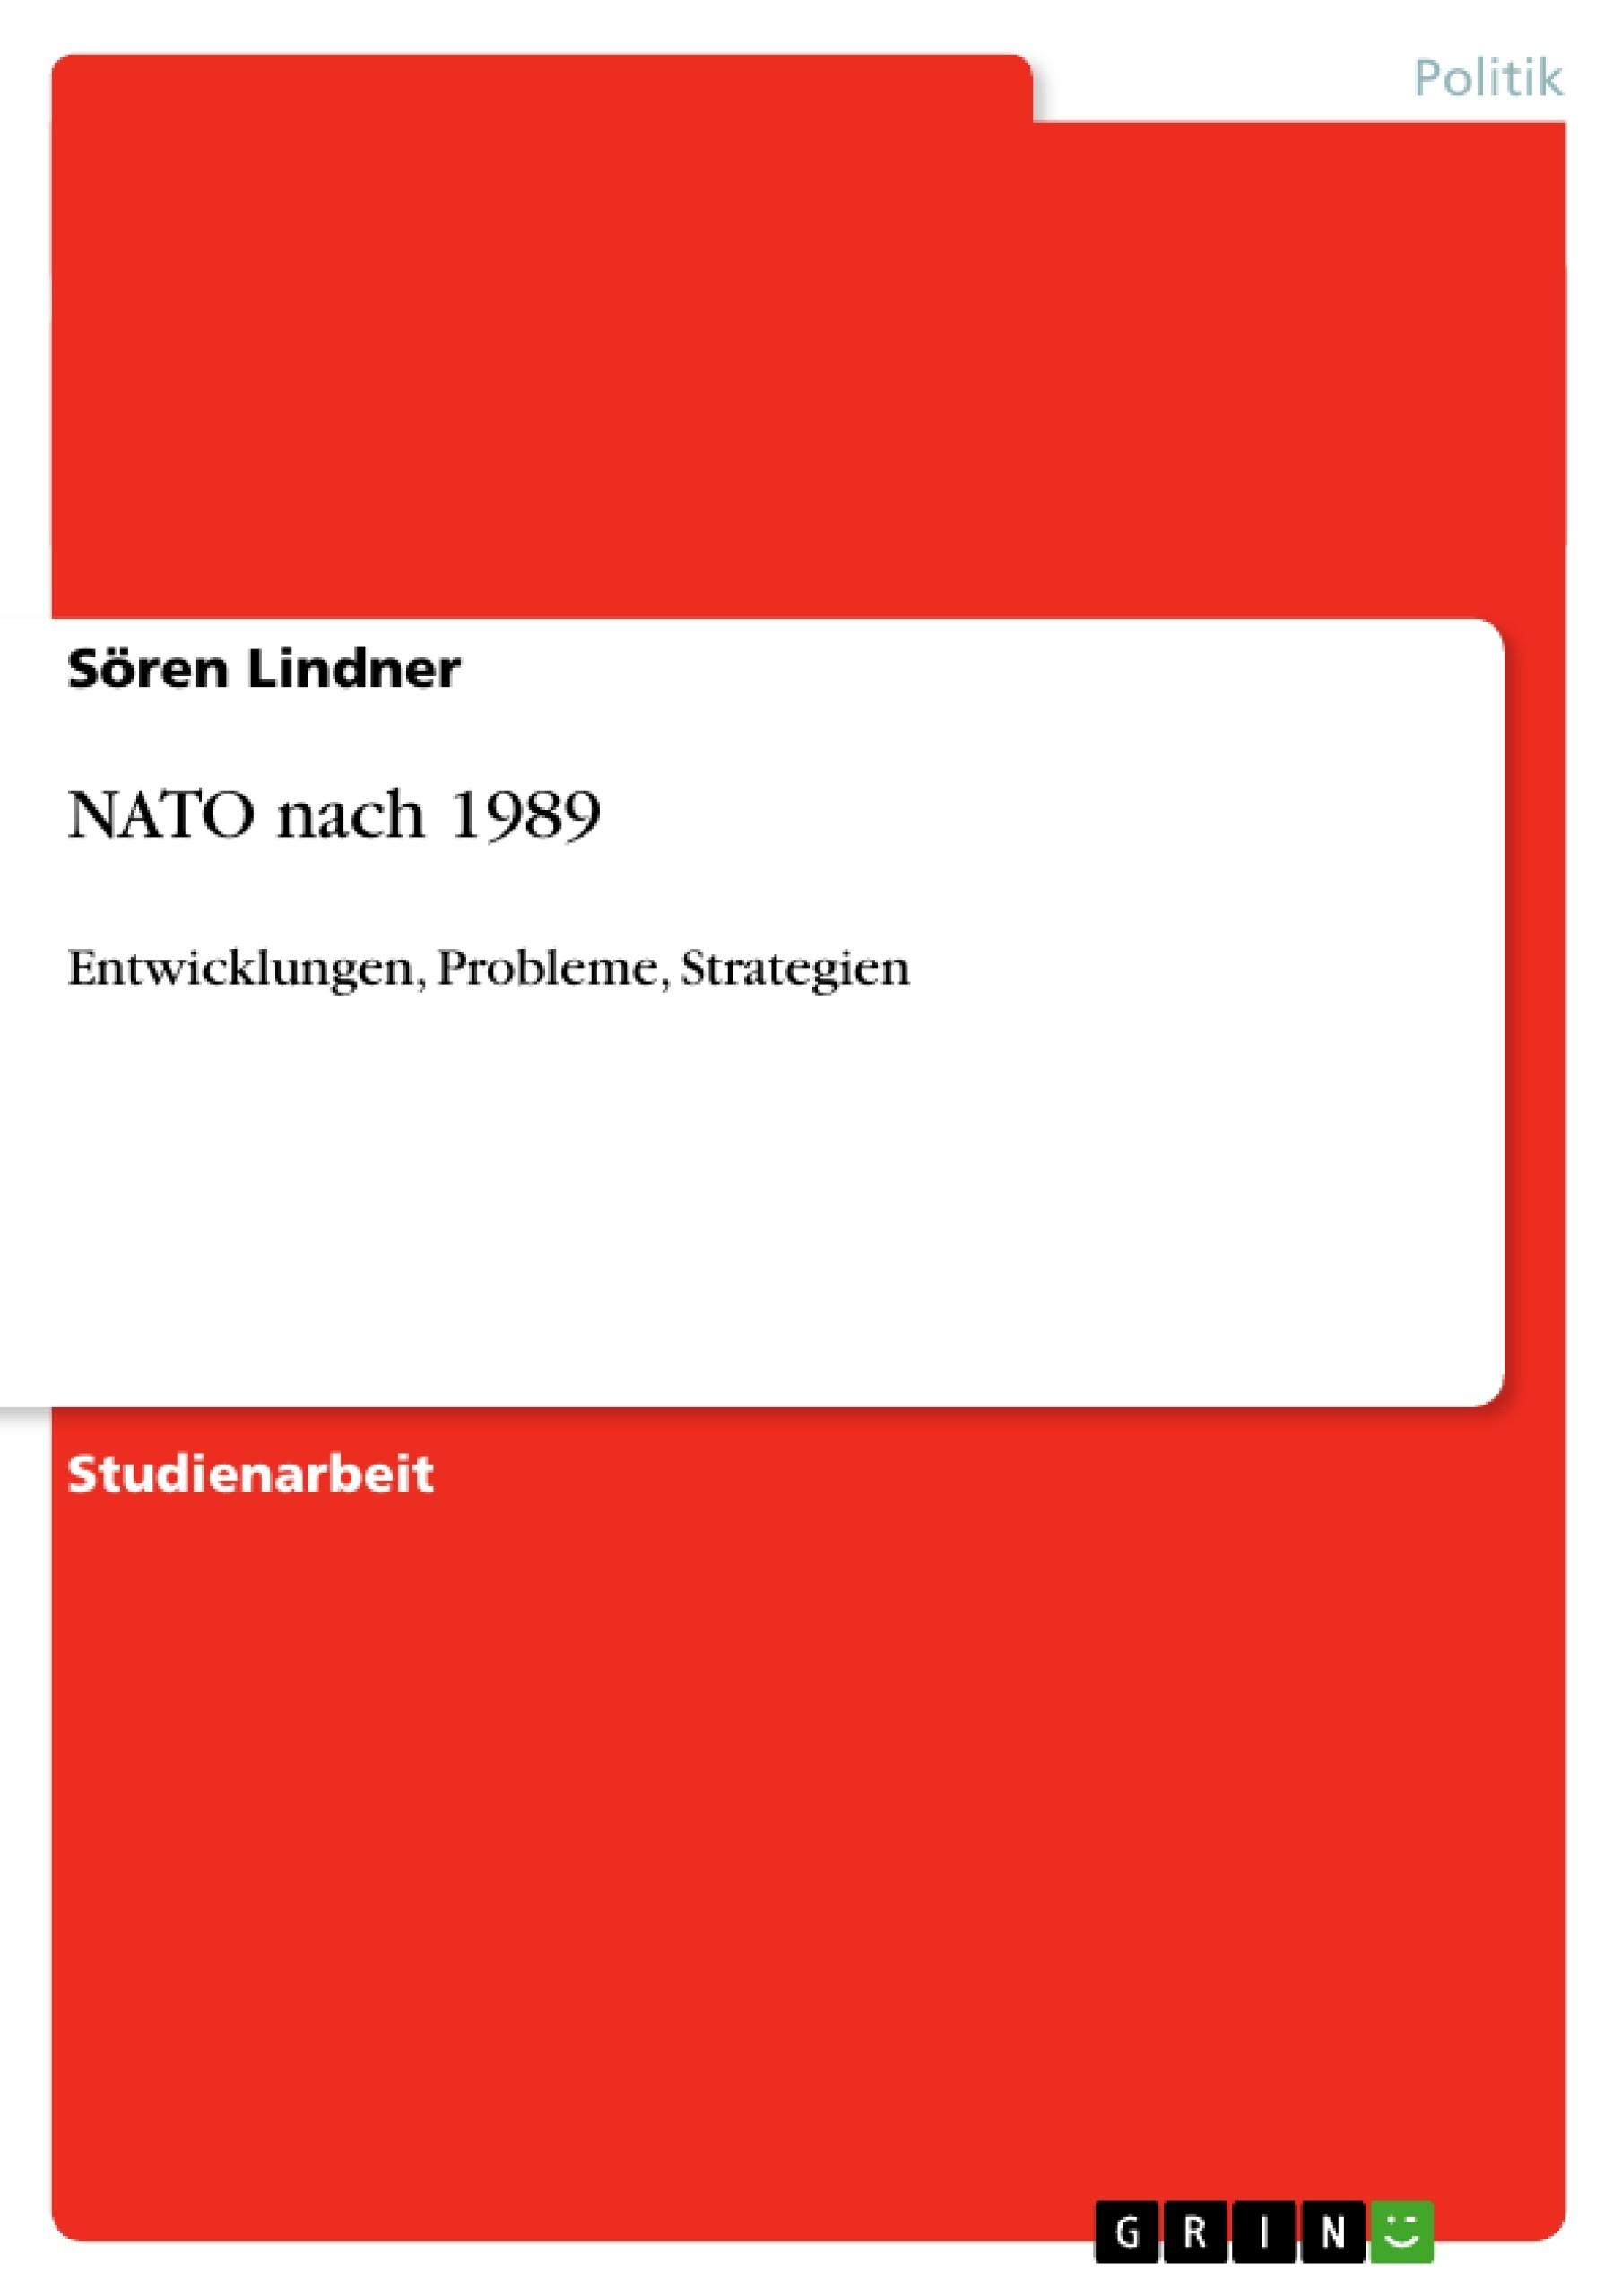 Titel: NATO nach 1989